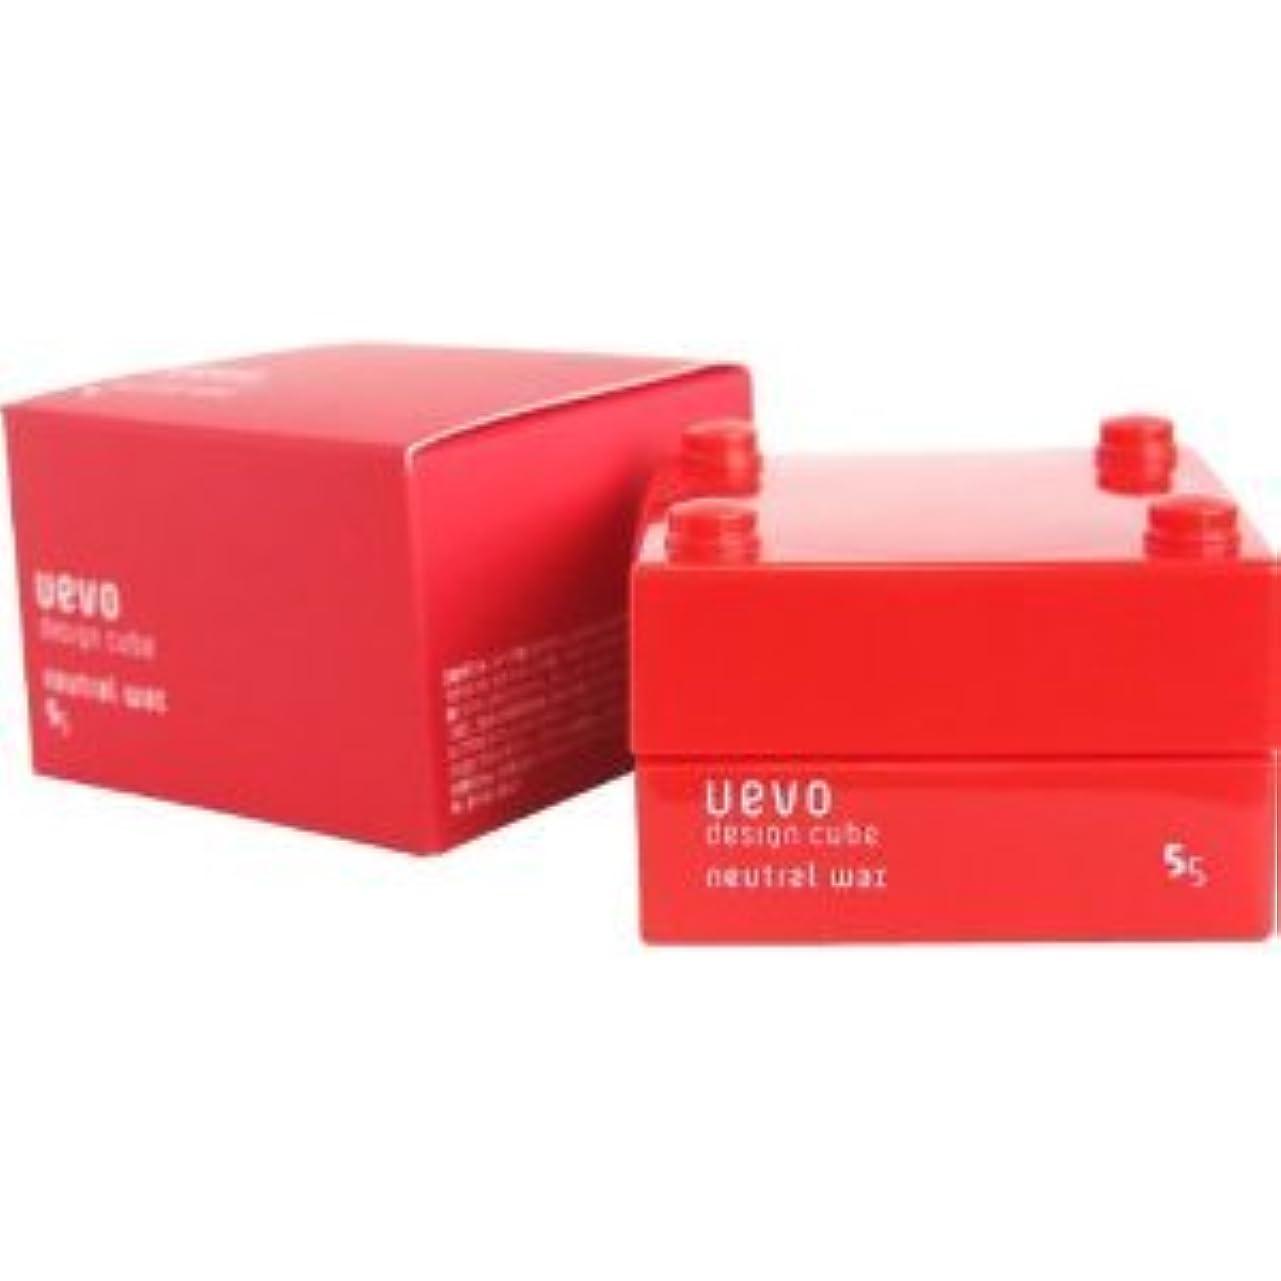 重力アセマイルストーン【X2個セット】 デミ ウェーボ デザインキューブ ニュートラルワックス 30g neutral wax DEMI uevo design cube